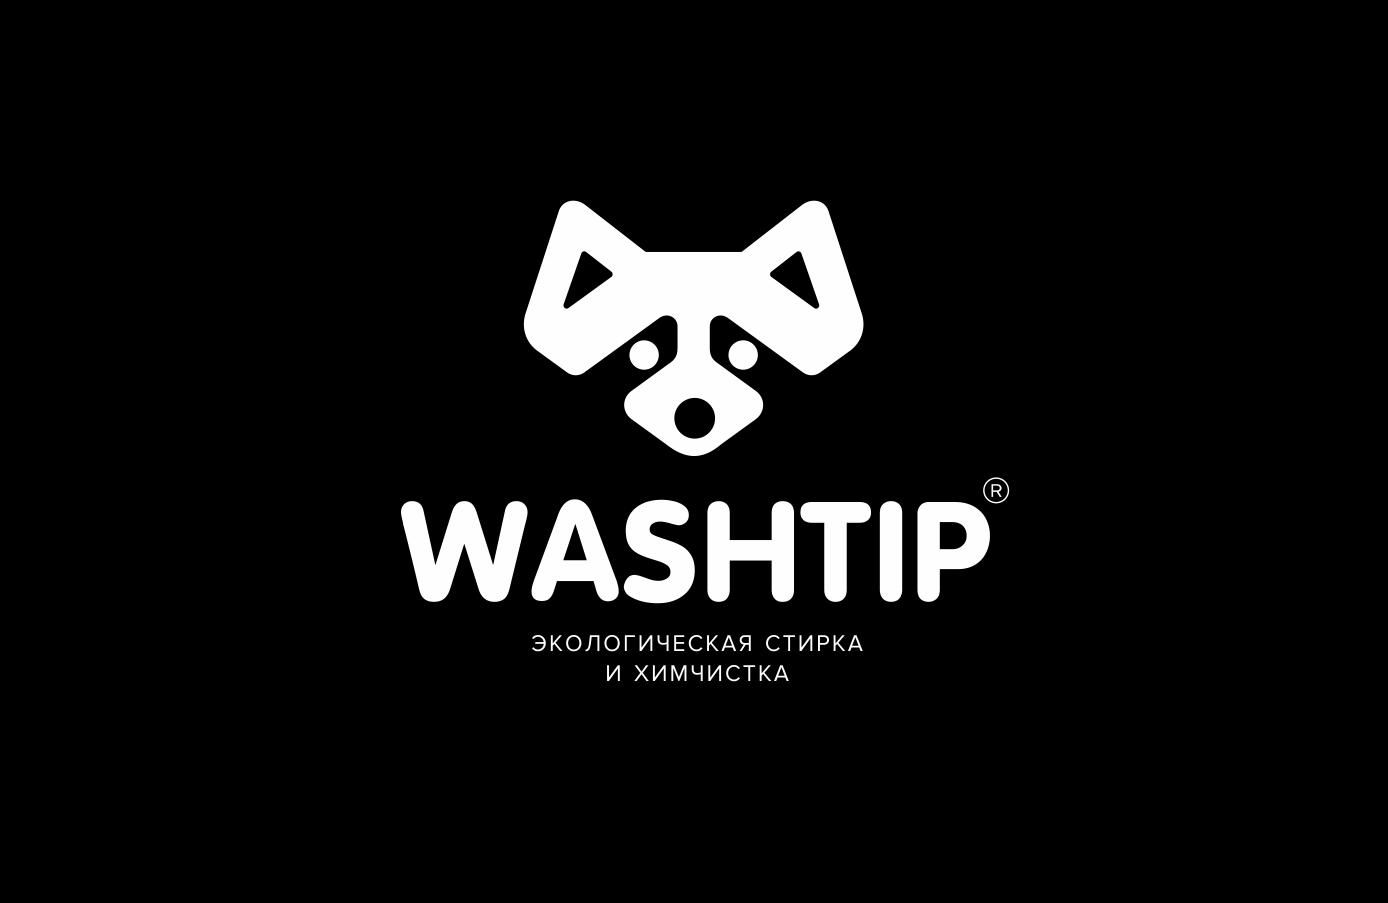 Разработка логотипа для онлайн-сервиса химчистки фото f_1535c0b9106741a5.png